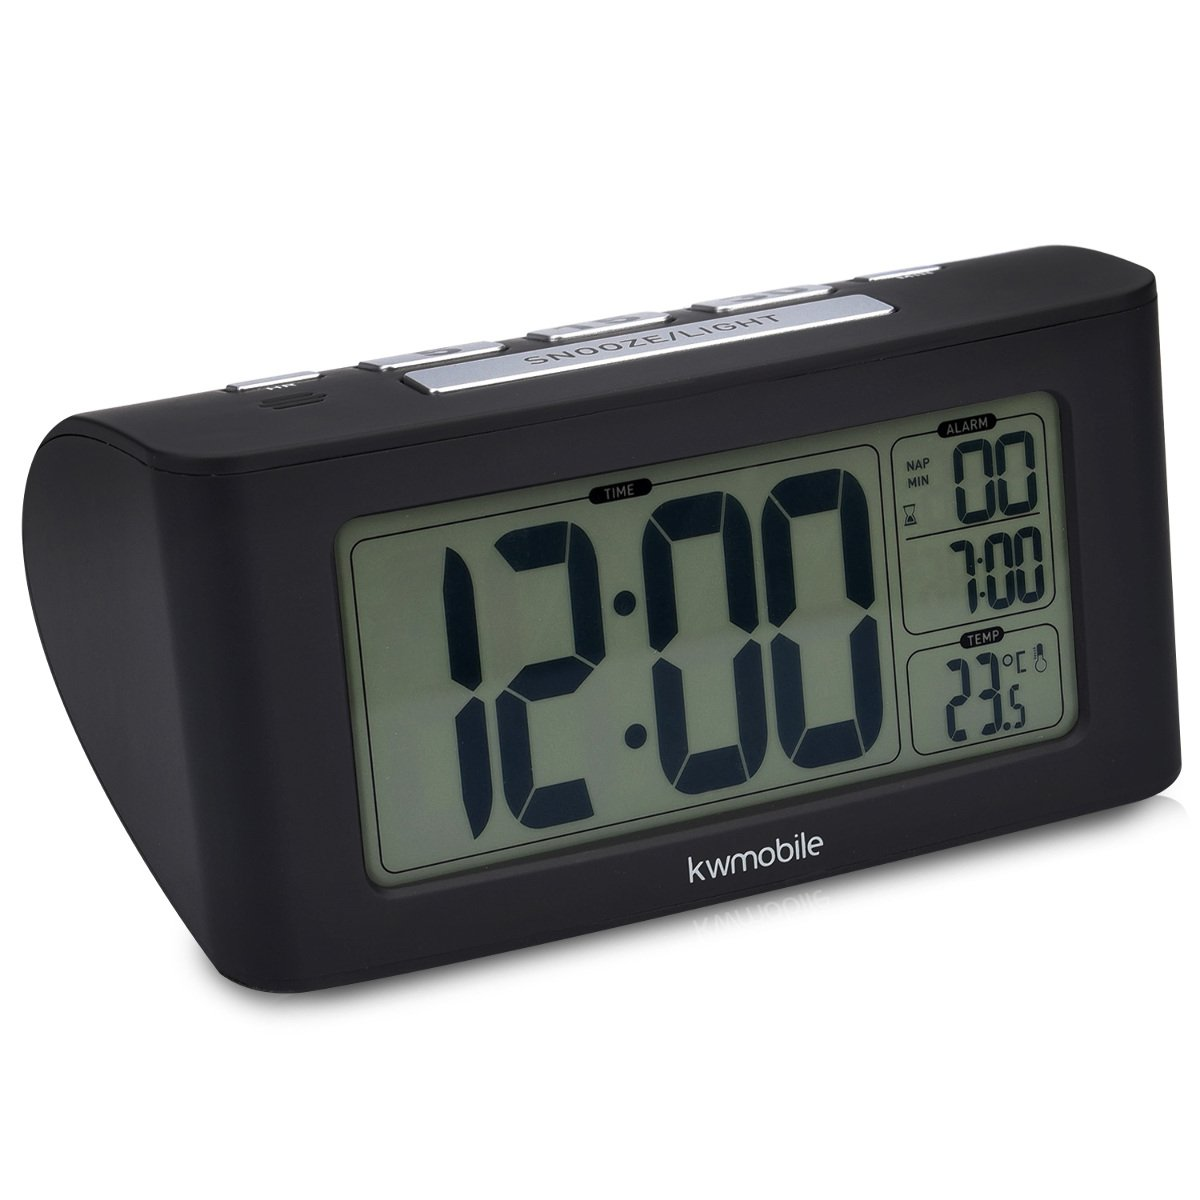 kwmobile Reloj Despertador Digital - Reloj con Temporizador y función de repetición - Indicador de Temperatura y Pantalla LCD Grande en Color Negro: ...